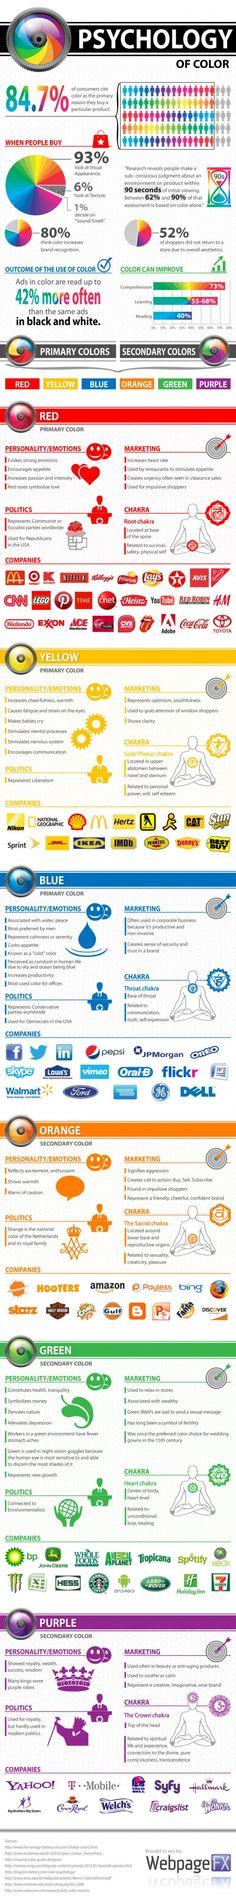 Rot oder blau? Eine #Infografik zeigt, wie du Farben für Marketingzwecke effektiv einsetzen kannst. Wir haben sie für euch zusammengefasst.